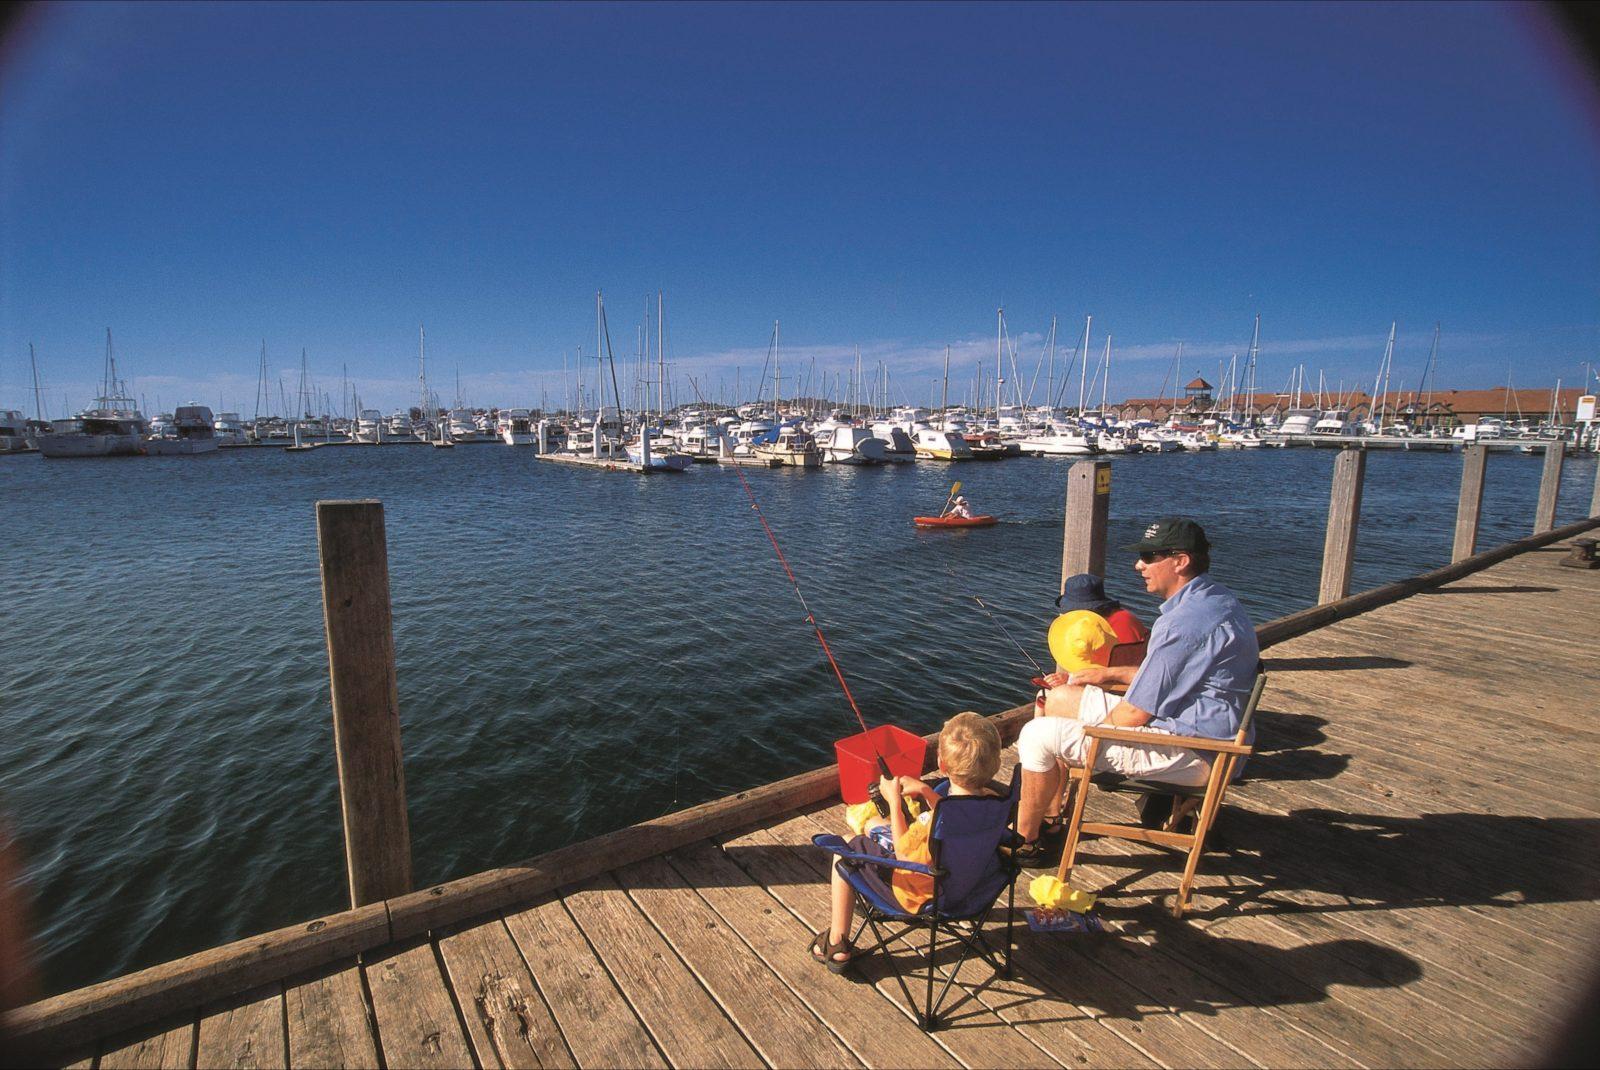 Hillarys Boat Harbour, Hillarys, Western Australia